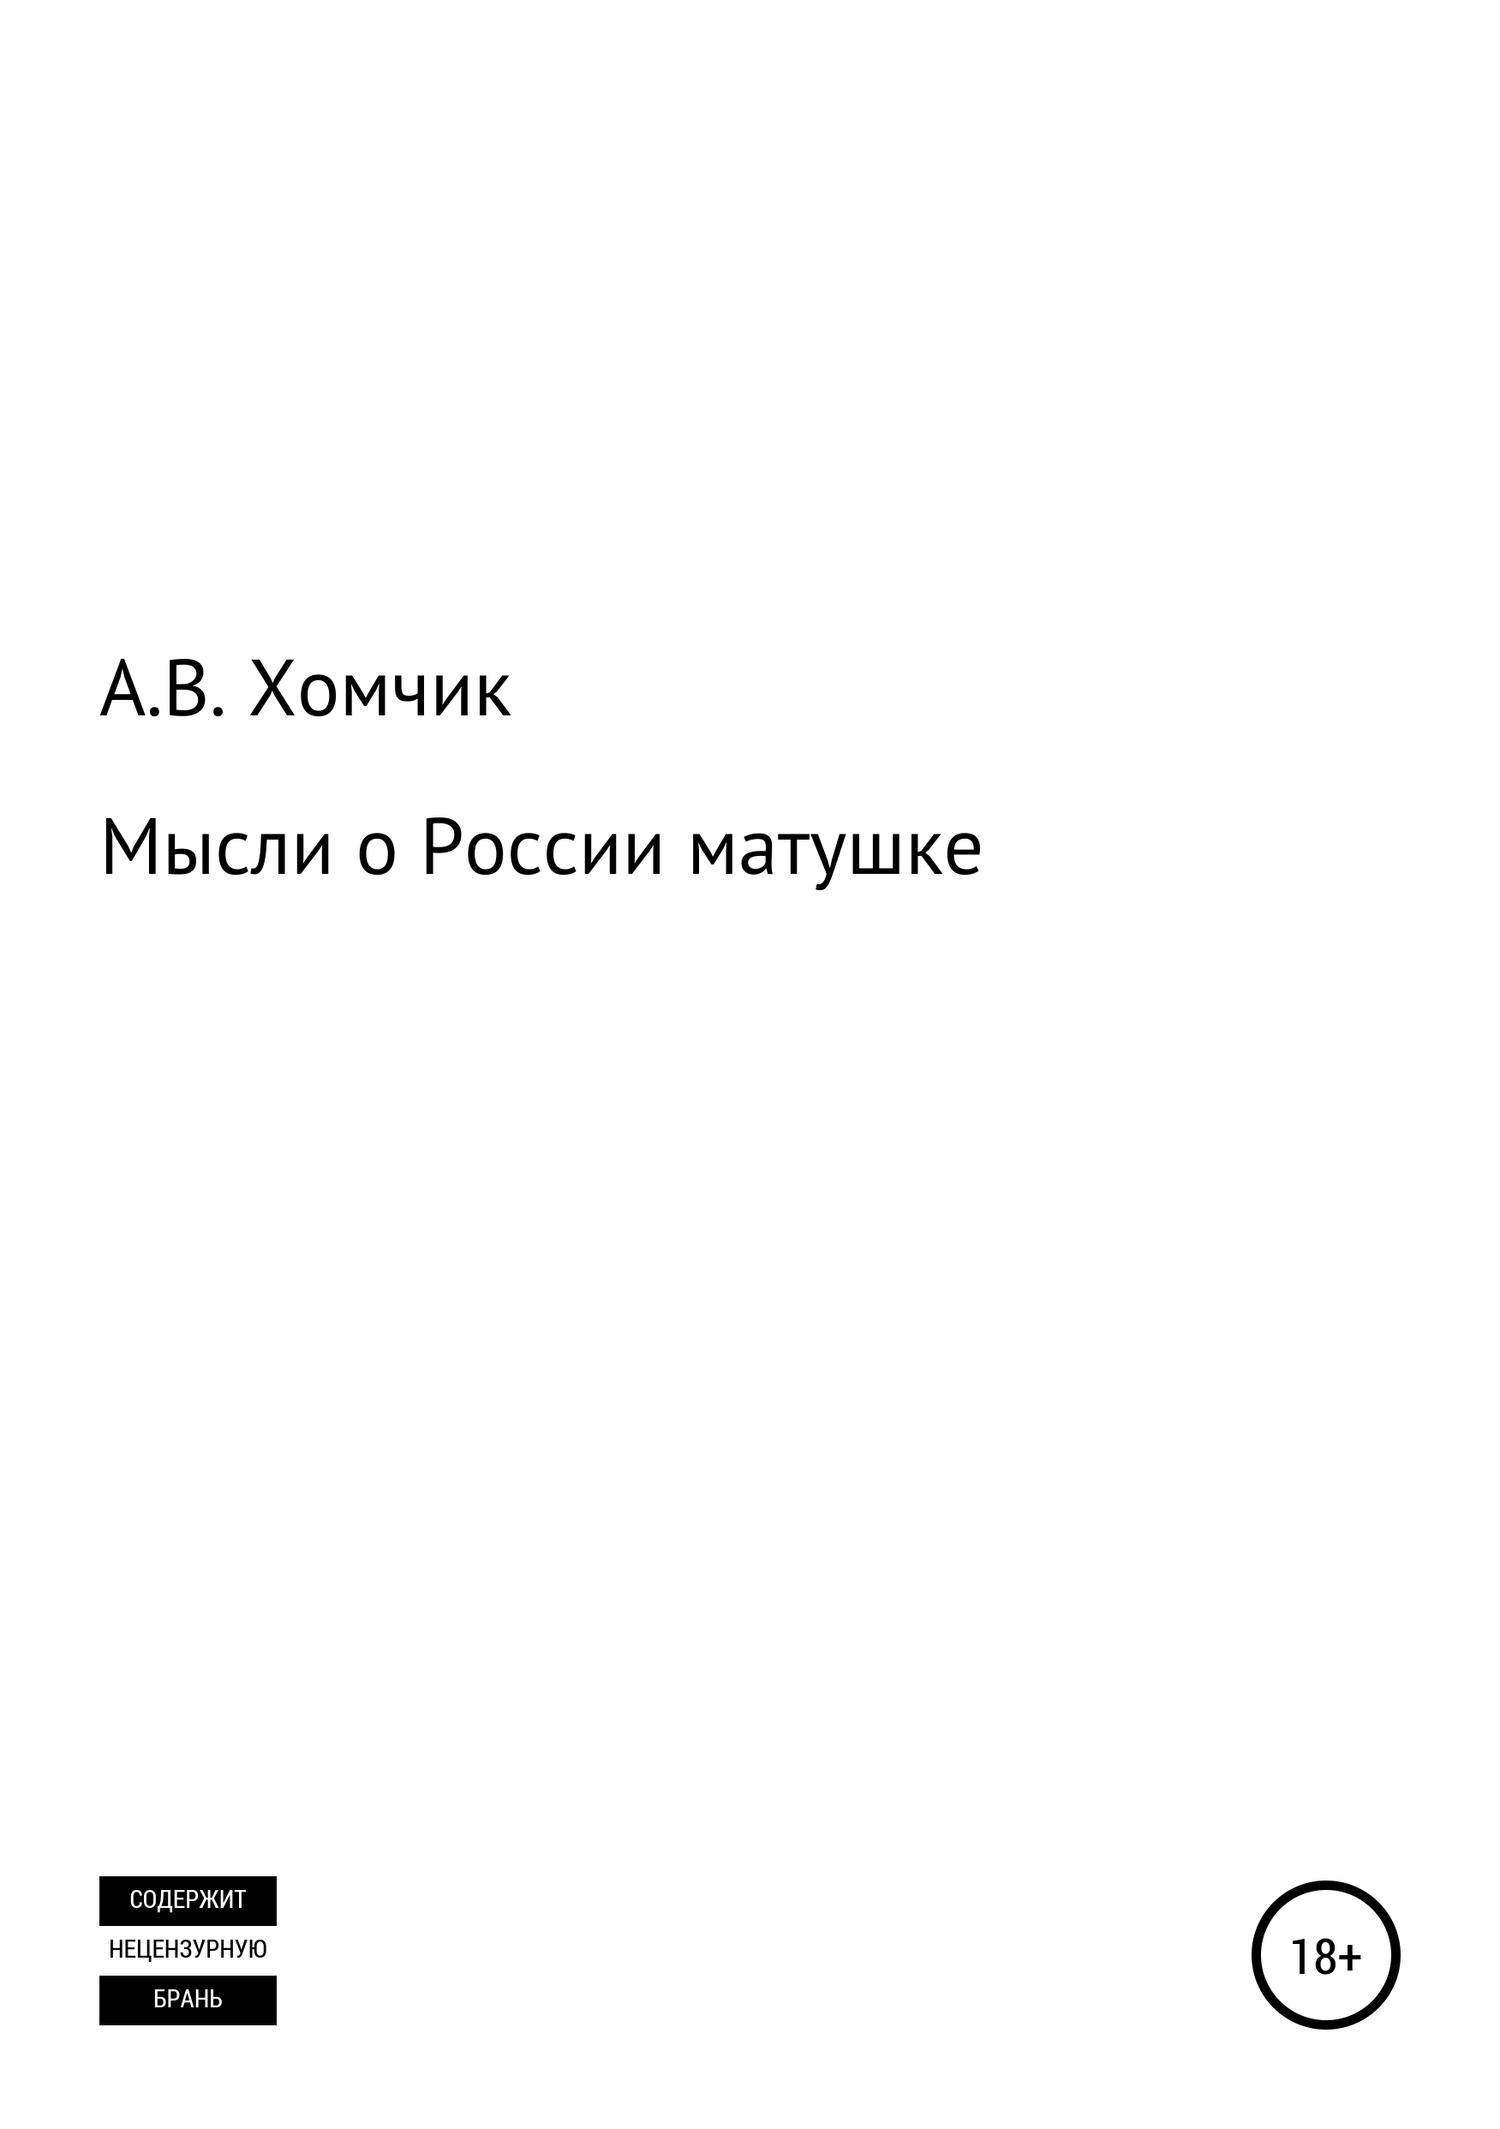 Мысли о России матушке